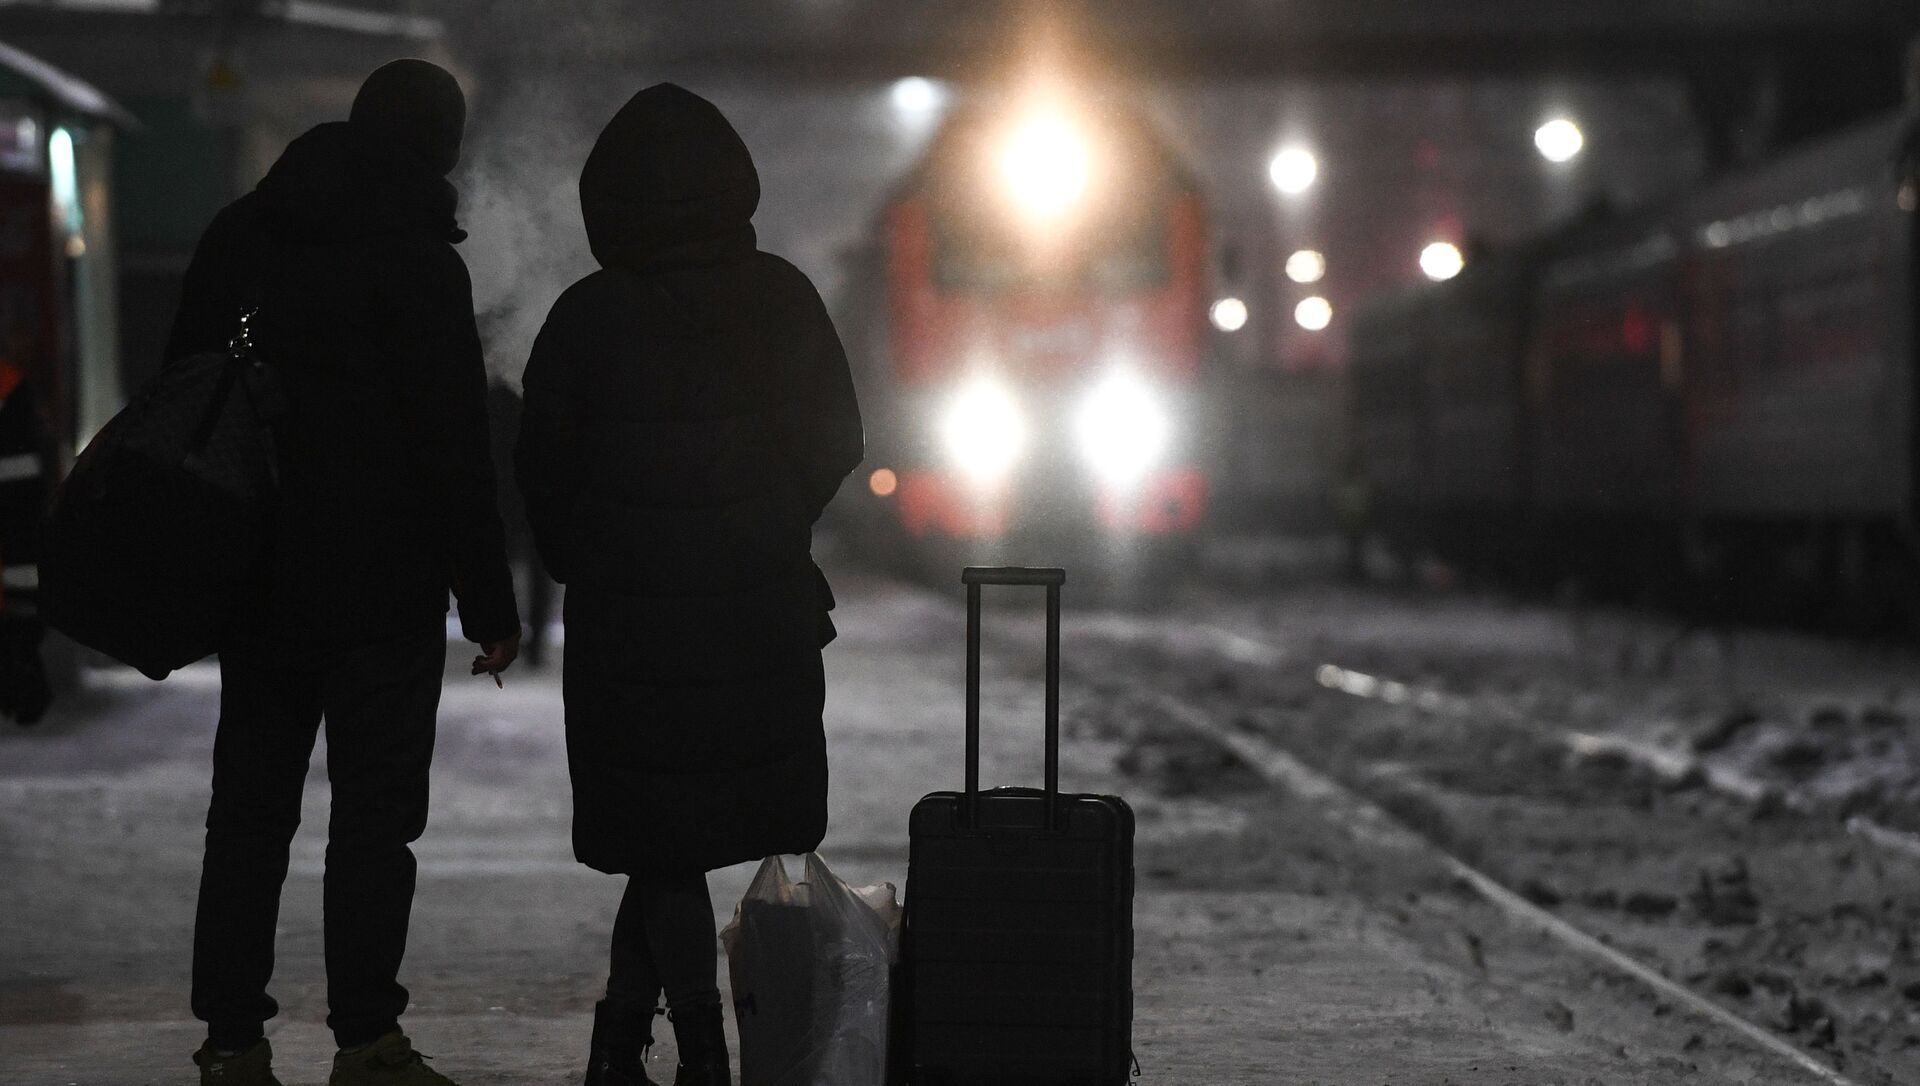 Ж/д сообщение между Россией и Китаем ограничили одним поездом - Sputnik Аҧсны, 1920, 18.02.2021